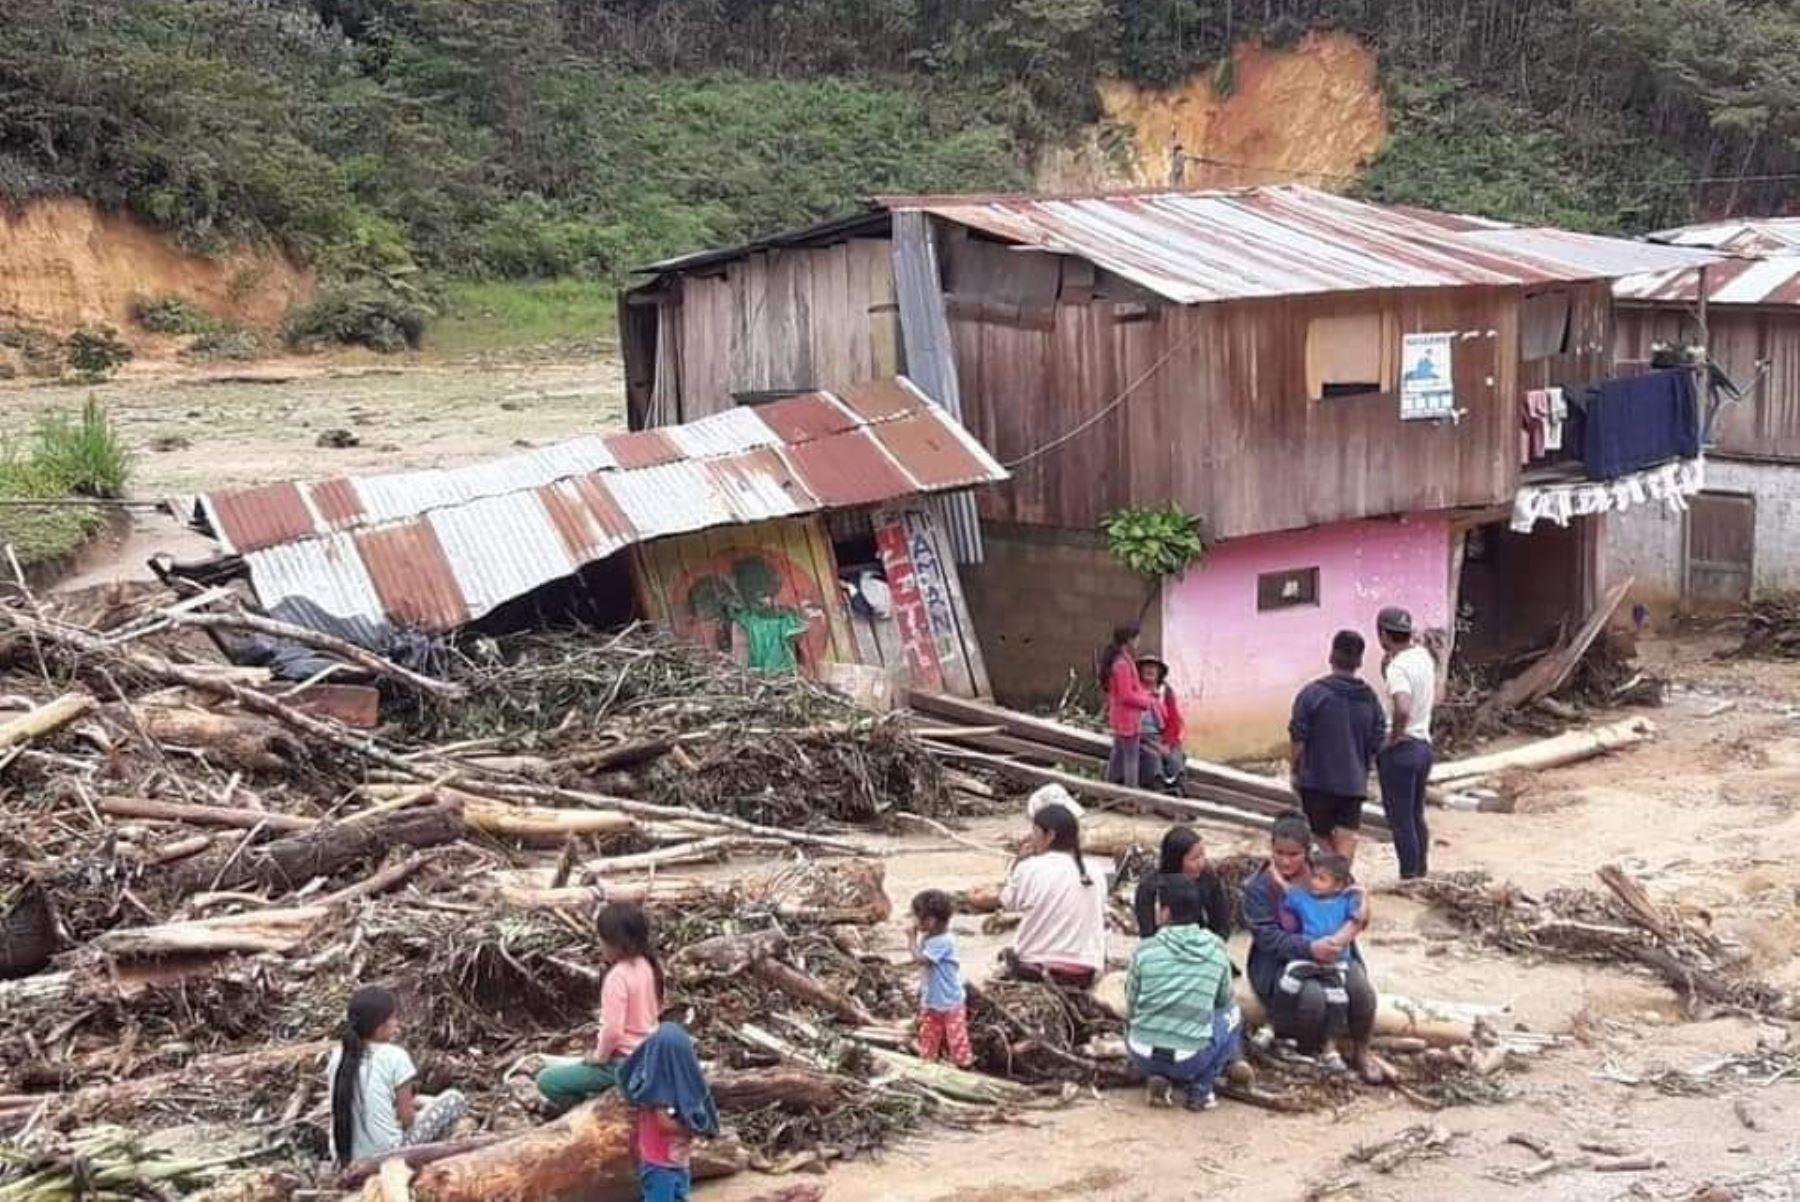 La temporada de lluvias 2019-2020 ha dejado hasta el momento 31,800 personas afectadas, otras  4,470 damnificadas, 50 fallecidos, 374 viviendas destruidas, 1,156 inhabitables y 12,966 dañadas, precisó el jefe del Instituto Nacional de defensa Civil (Indeci), Jorge Chávez.ANDINA/Difusión